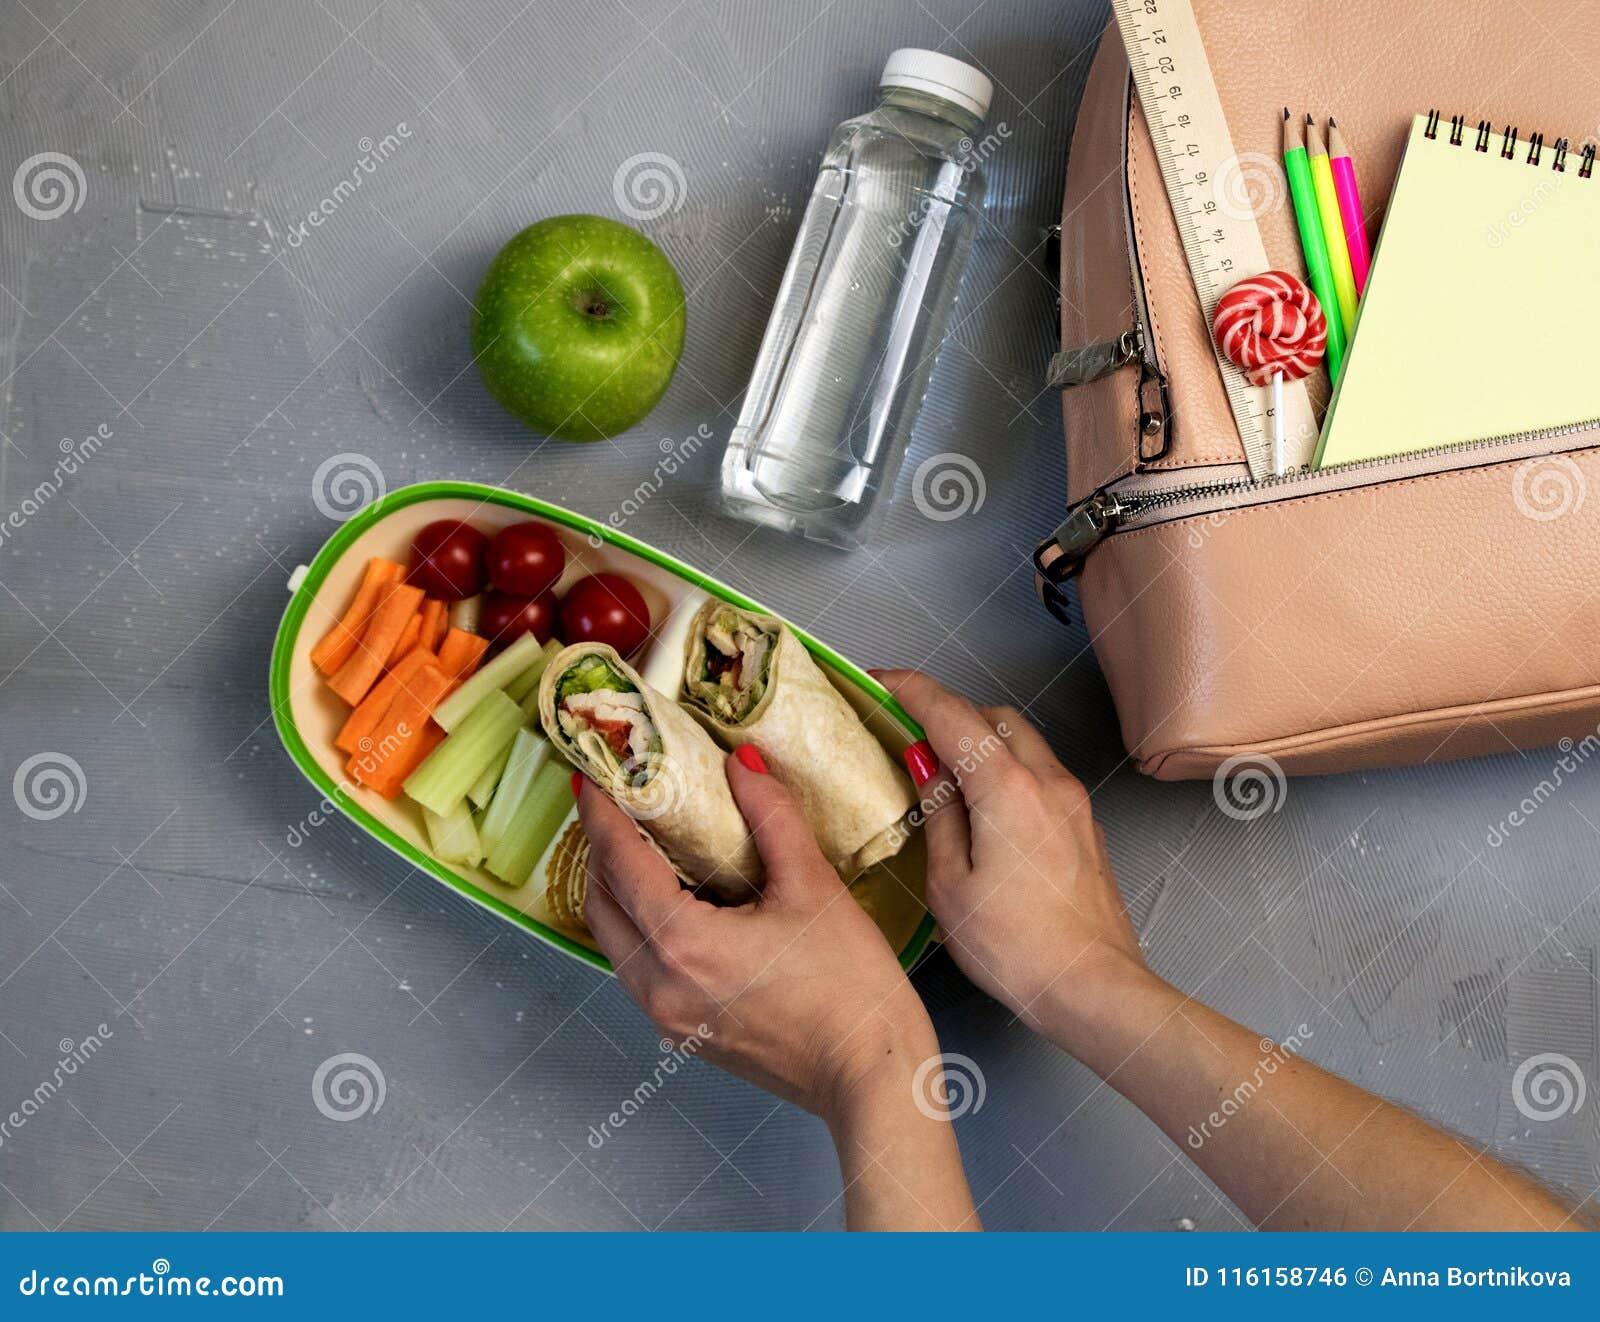 Женские руки пакуя обедающий в коробке для завтрака на серой таблице